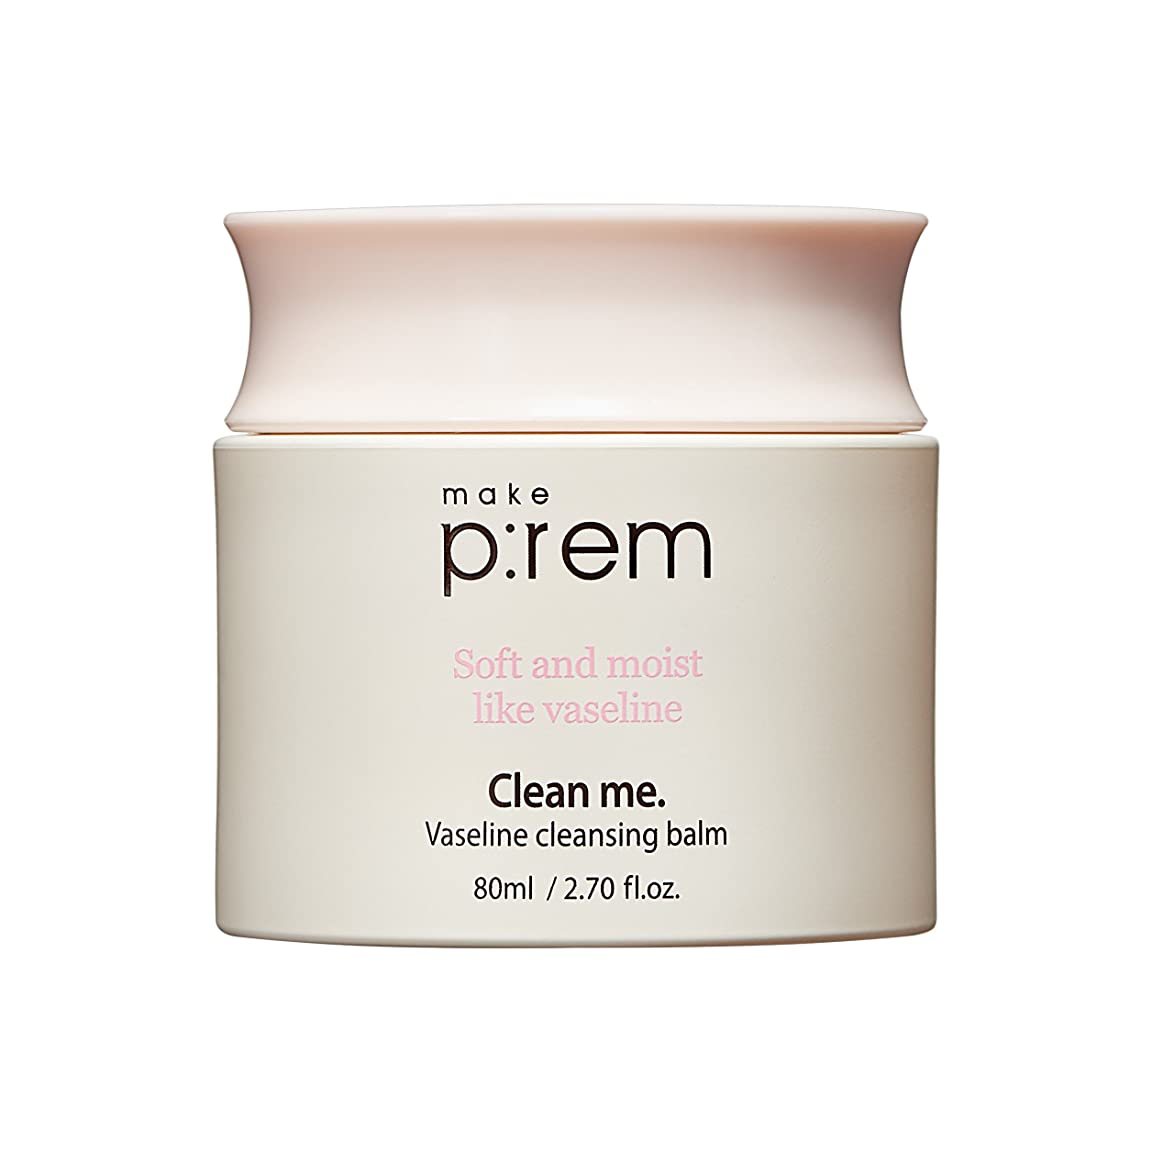 デモンストレーショングリーンバック見捨てる[MAKE P:REM] clean me ワセリン クレンジング バーム Vaseline cleansing balm 80ml / 韓国コスメ, 韓国直送品